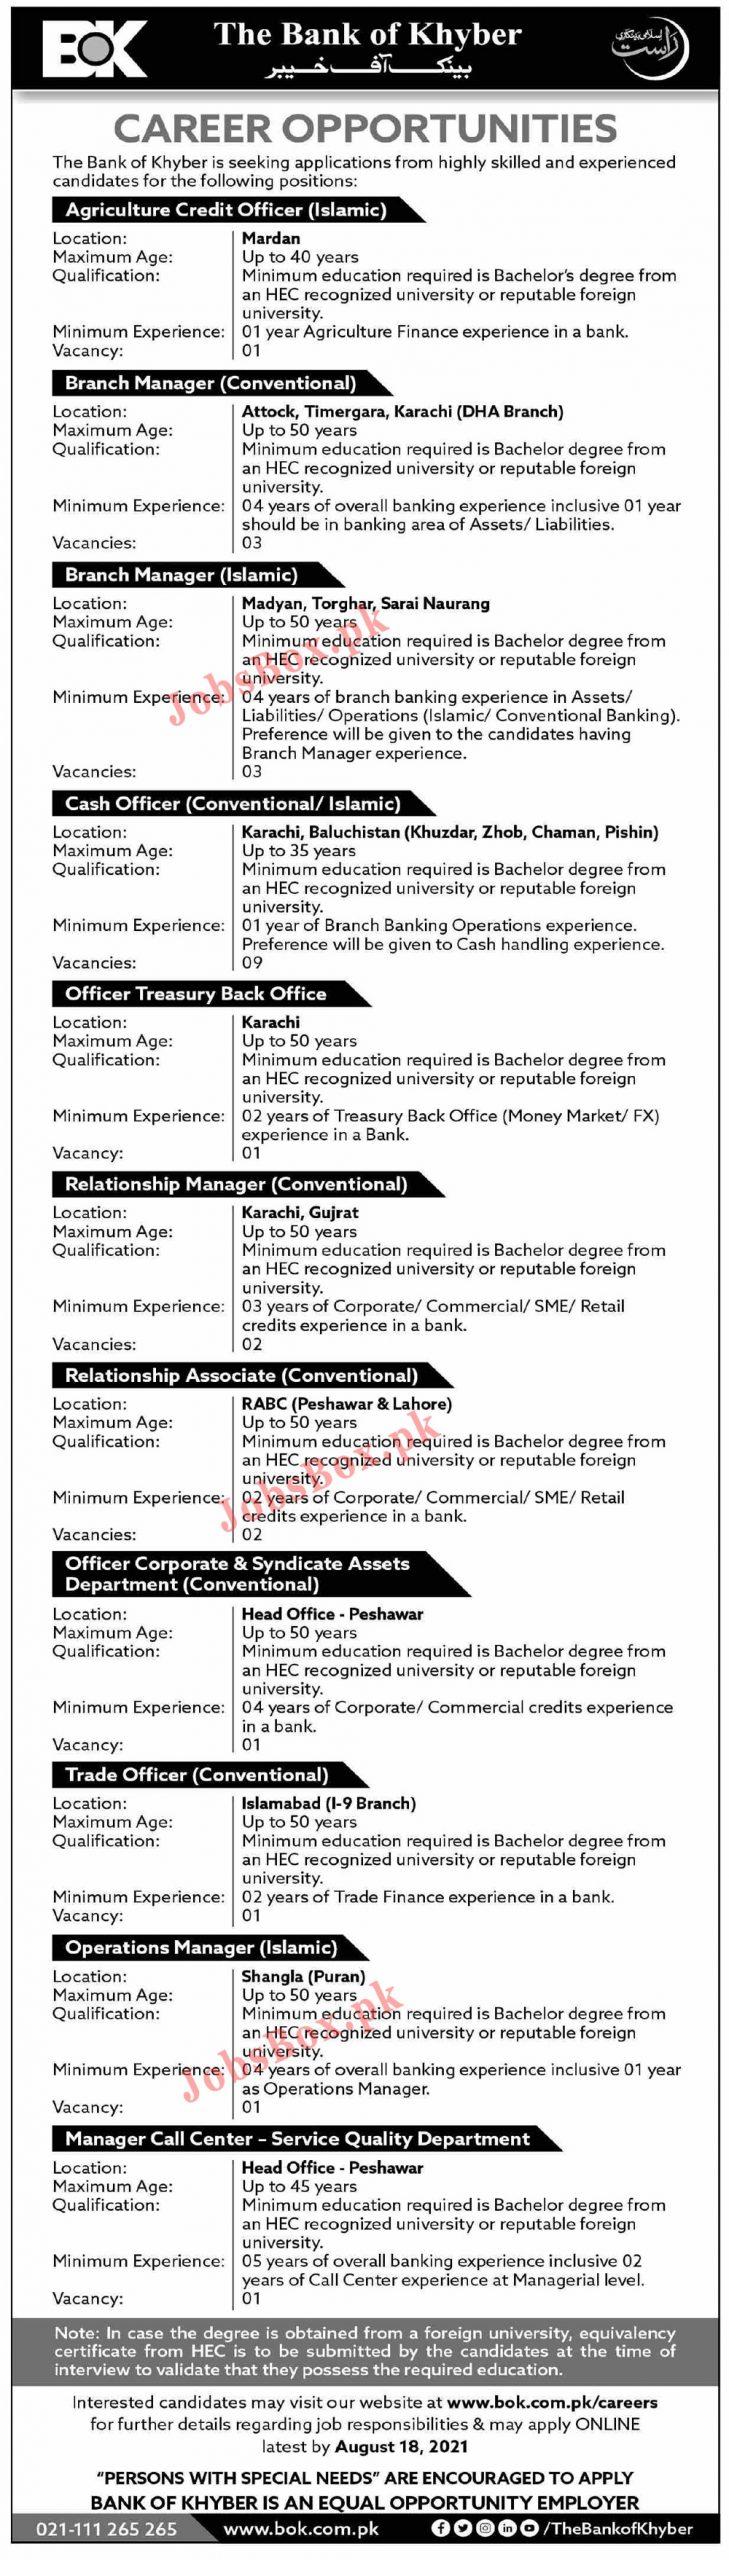 www.bok.com.pk Jobs 2021 - BOK Bank of Khyber Jobs 2021 in Pakistan